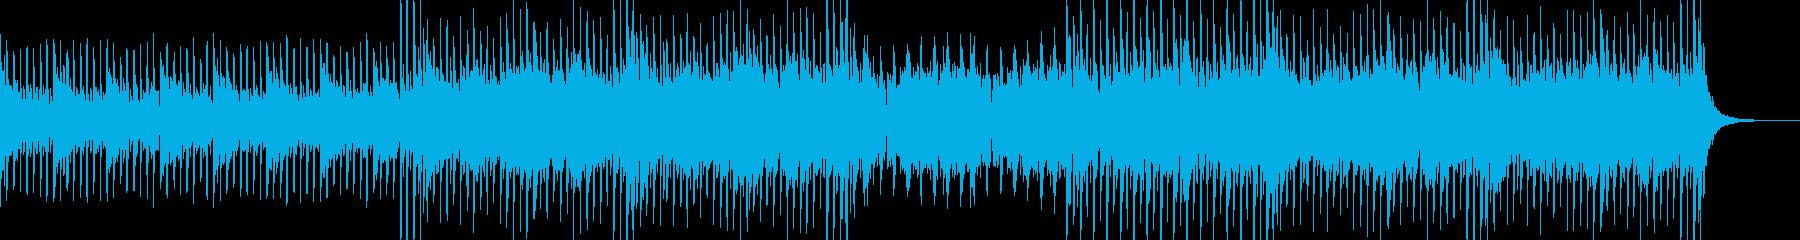 レトロなシンセポップ風BGMの再生済みの波形